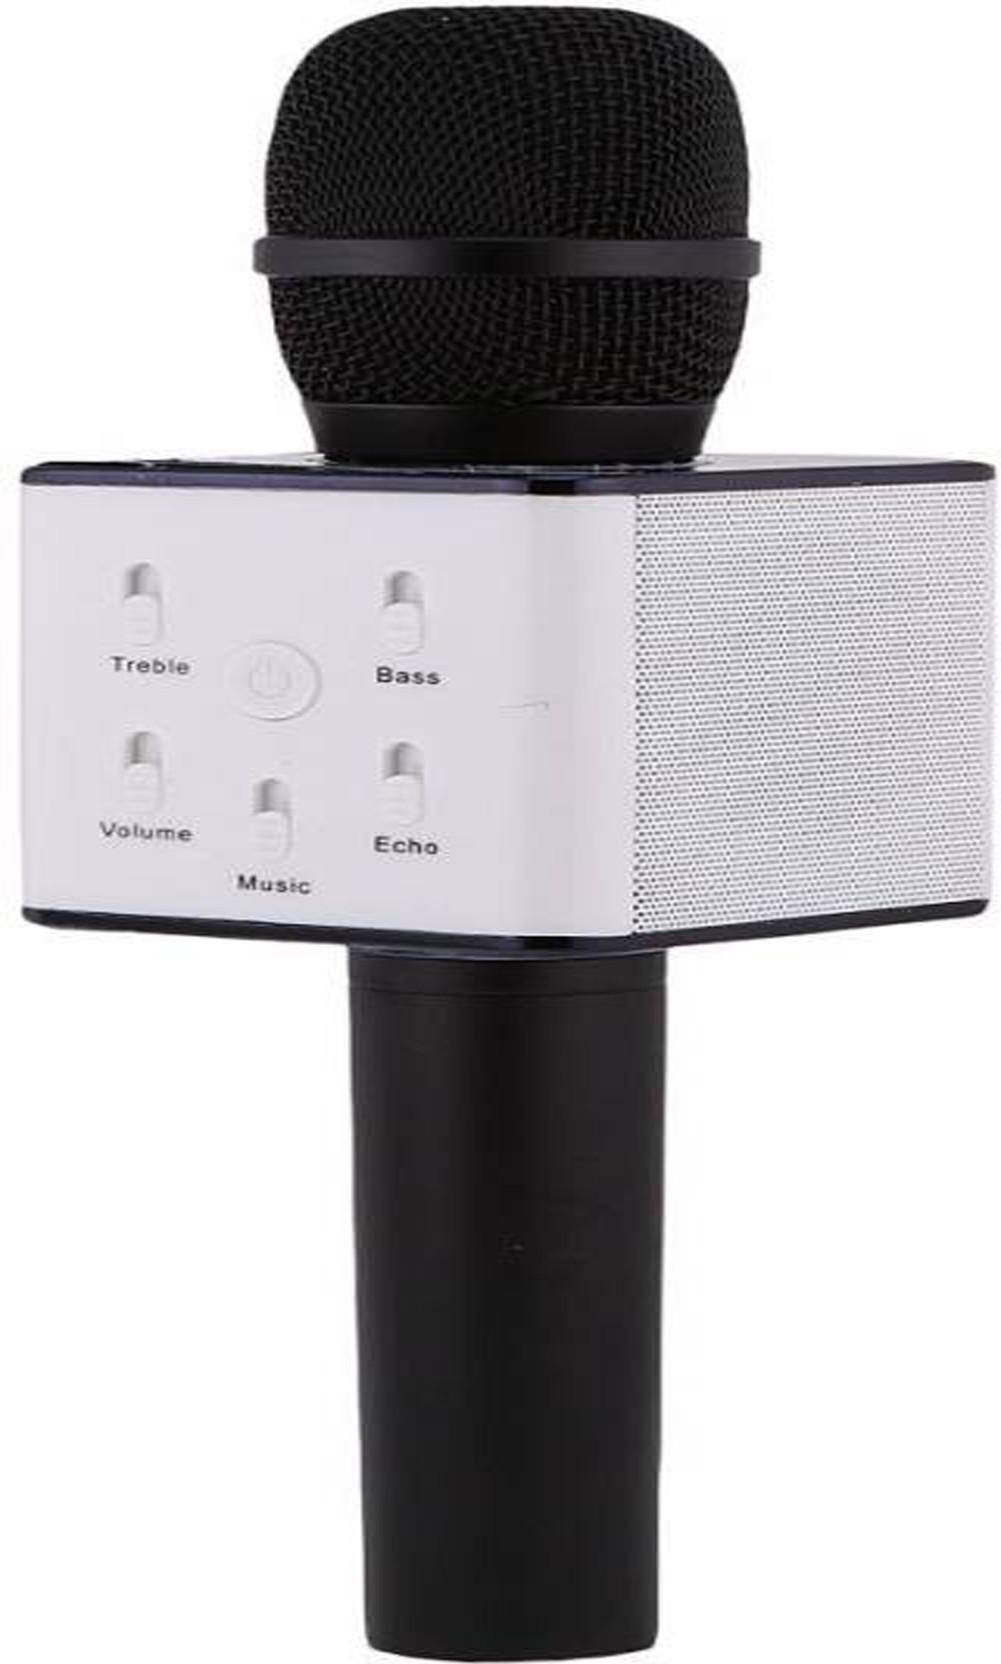 Konarrk Q7 Handheld Ktv Wireless Bluetooth Karaoke Singing Mic Microphone Hifi Speaker Sing A Song Player Add To Cart